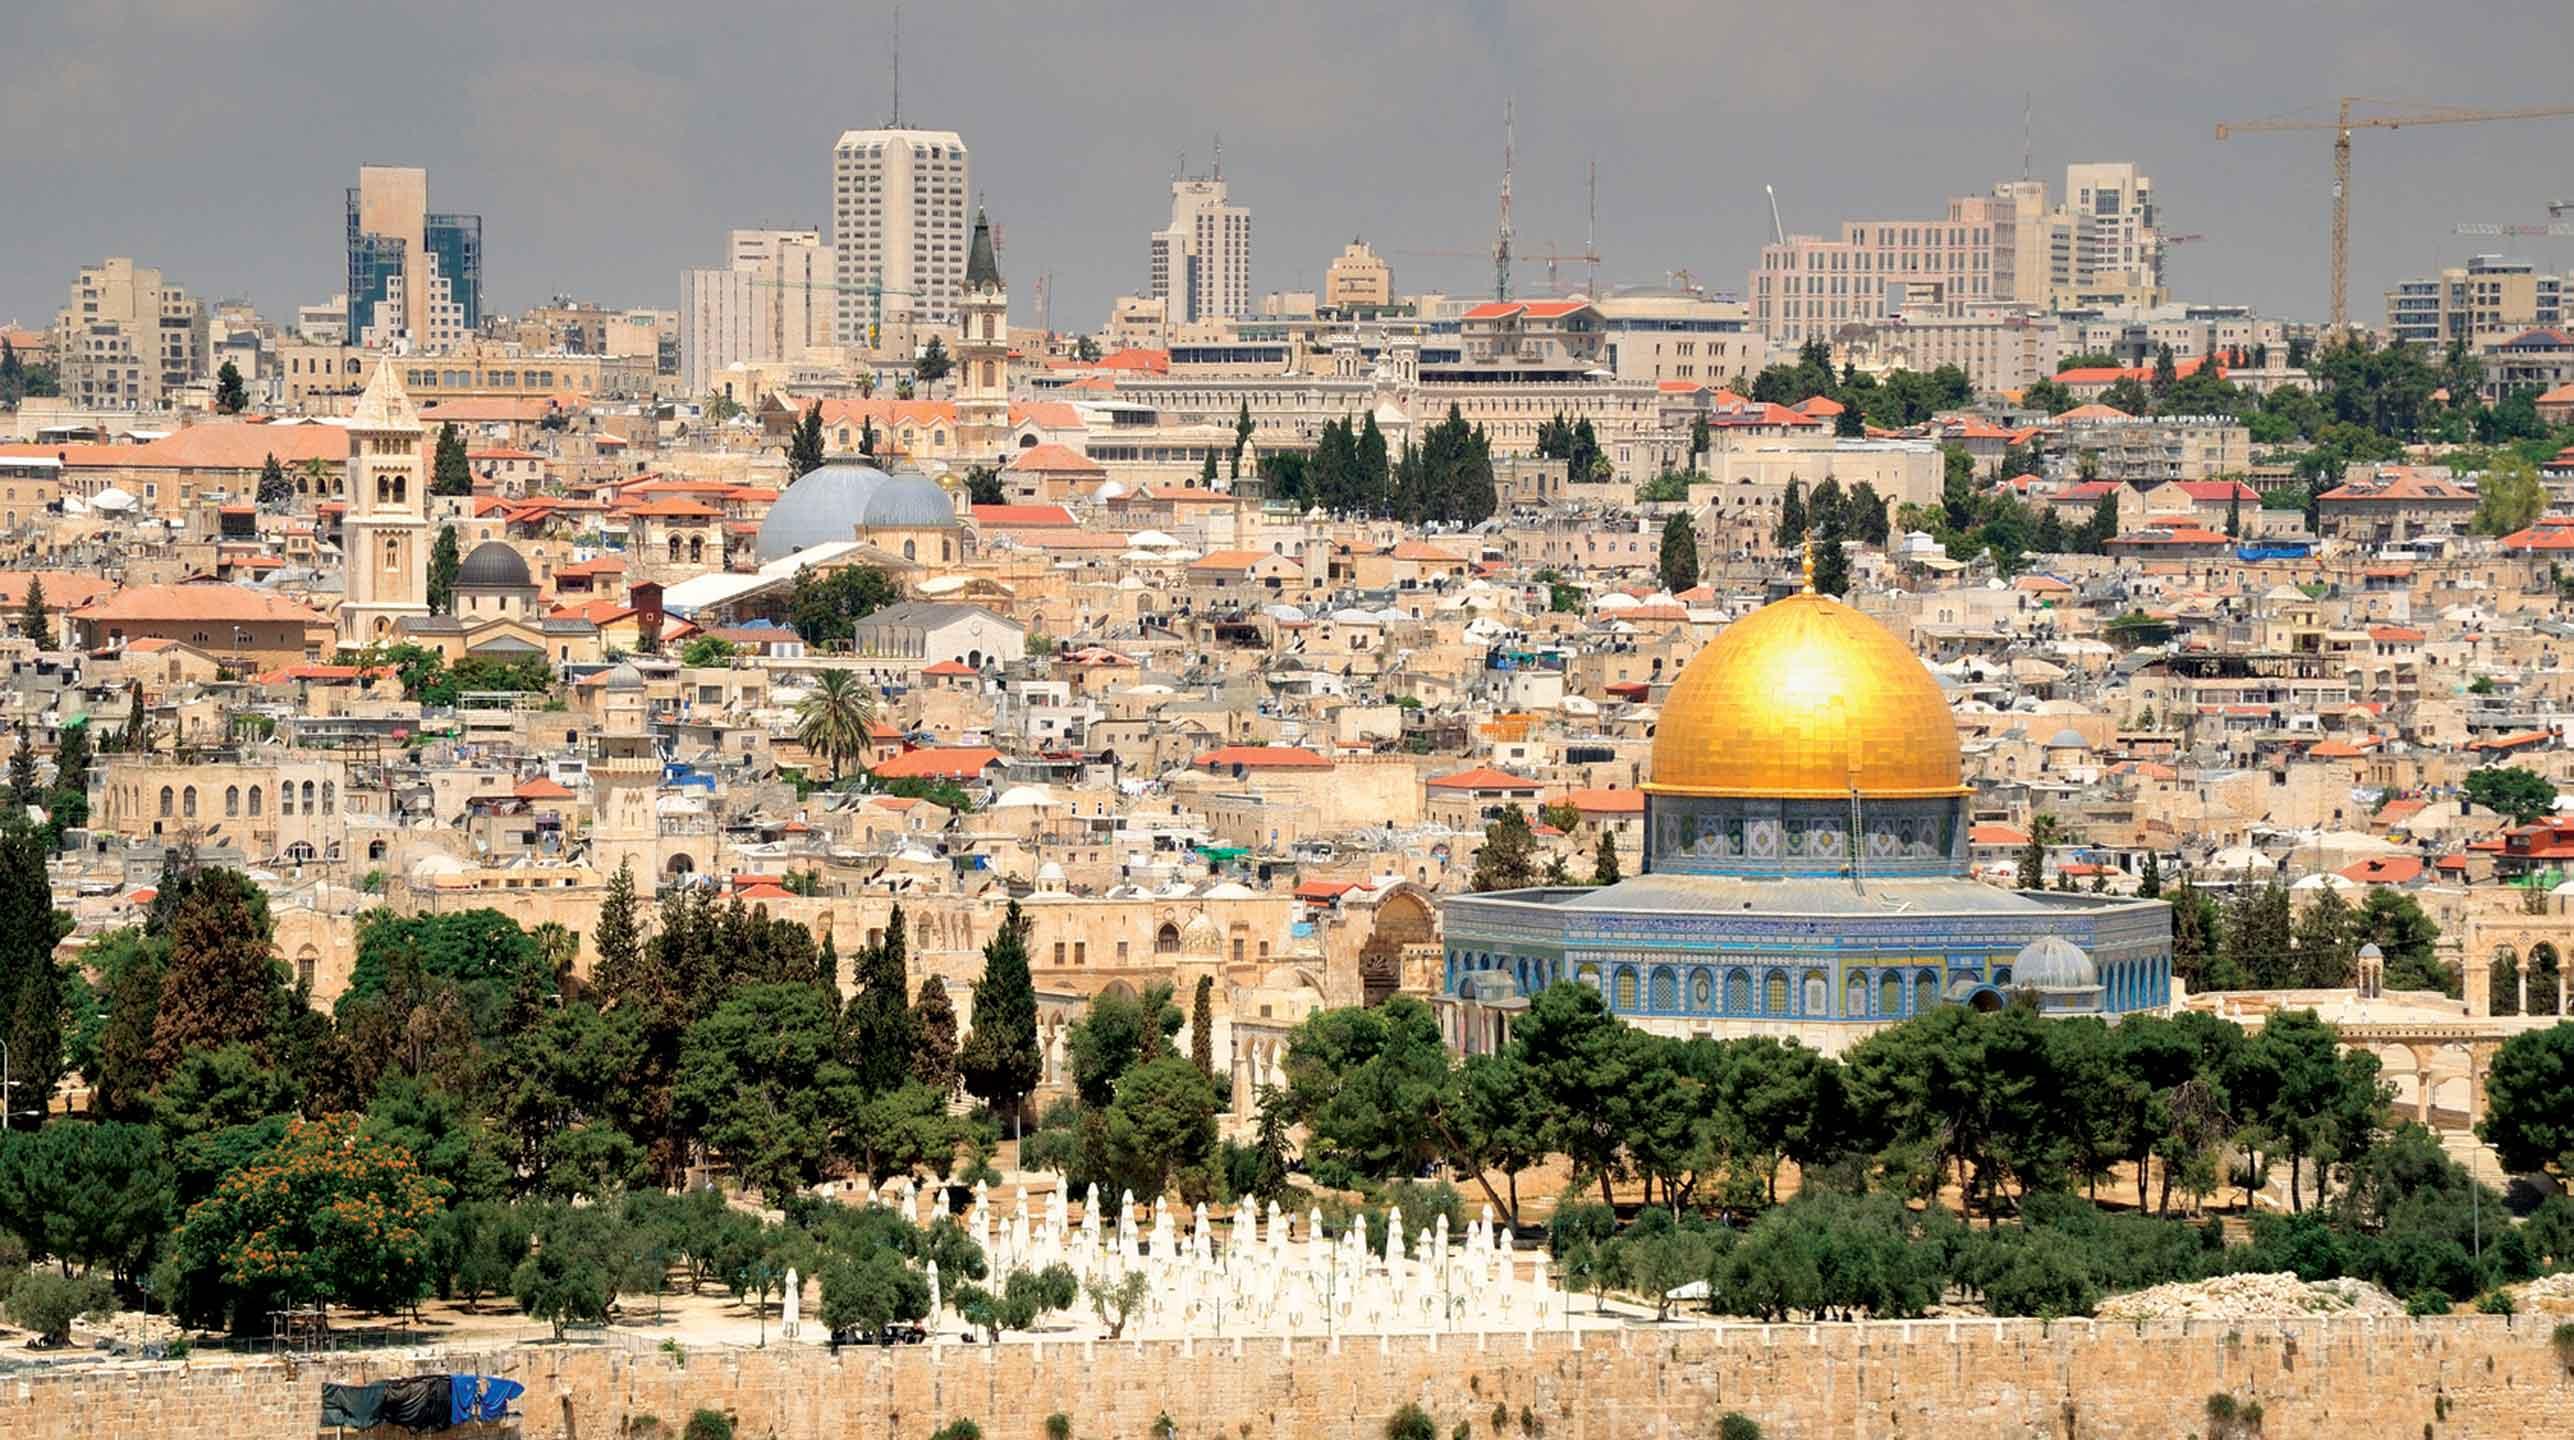 Izrael – Ejlat, wypoczynek nad Morzem Czerwonym